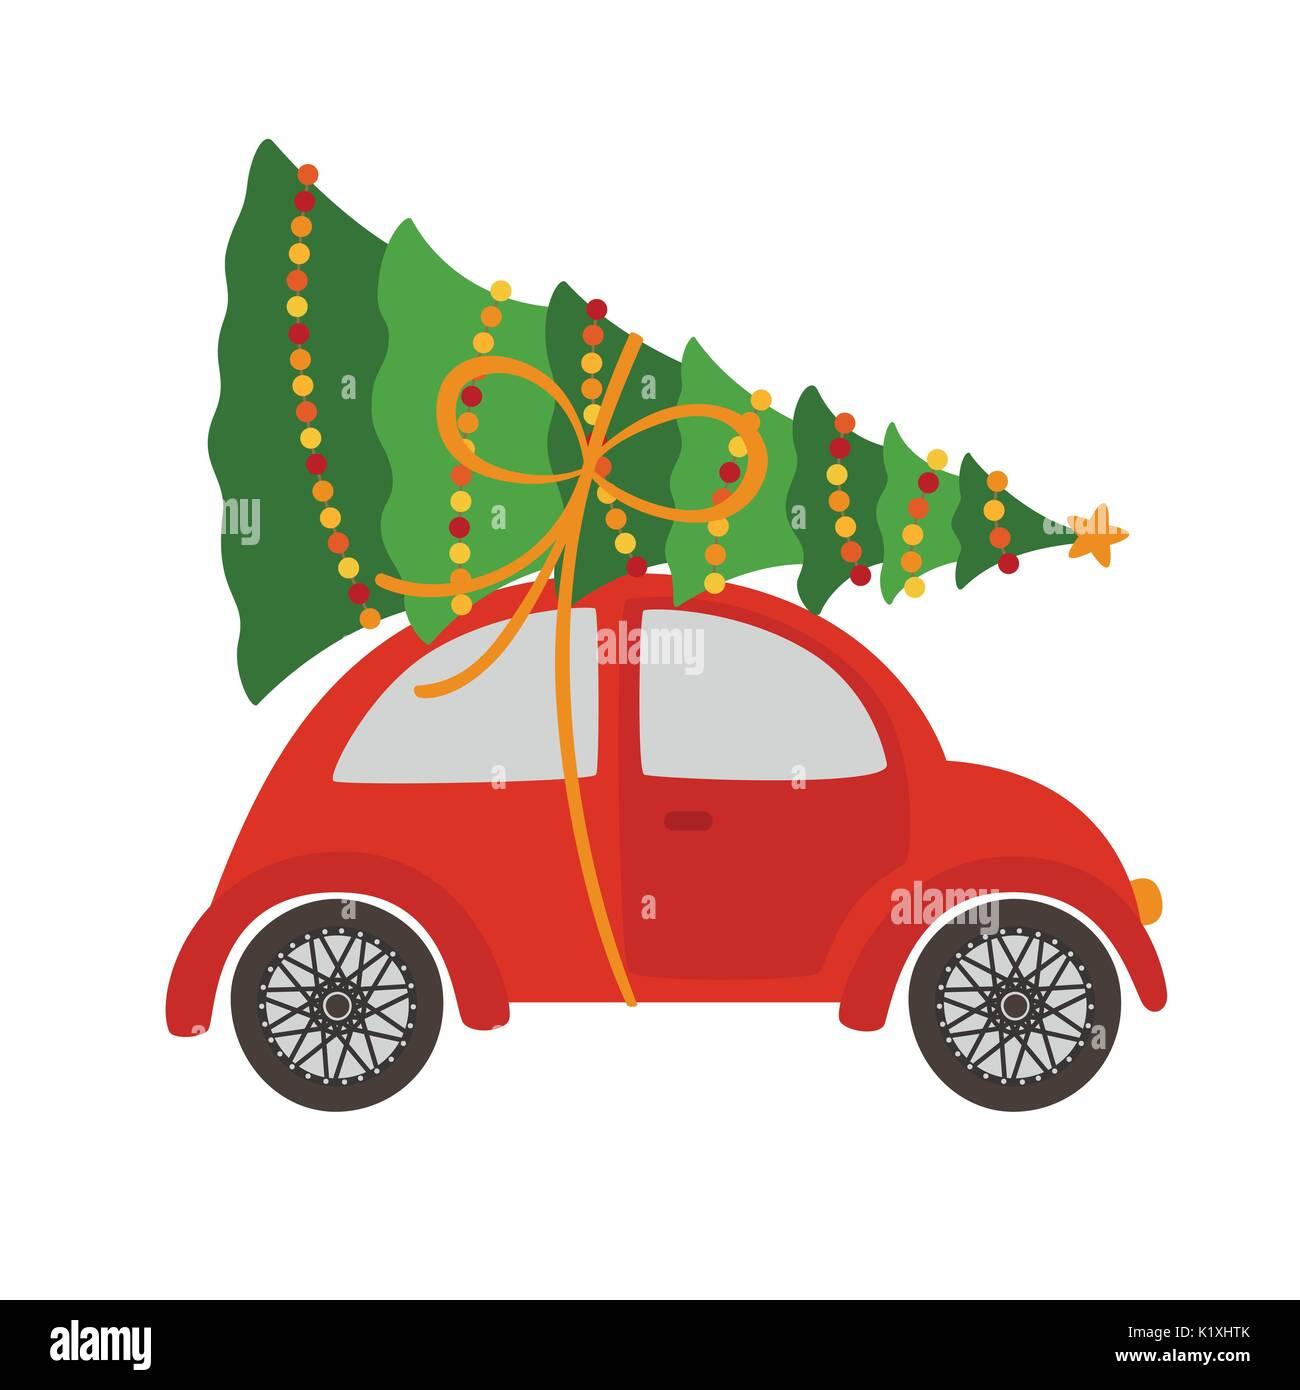 Auto Weihnachtsbaum.Auto Mit Weihnachtsbaum Vektor Abbildung Bild 156092739 Alamy